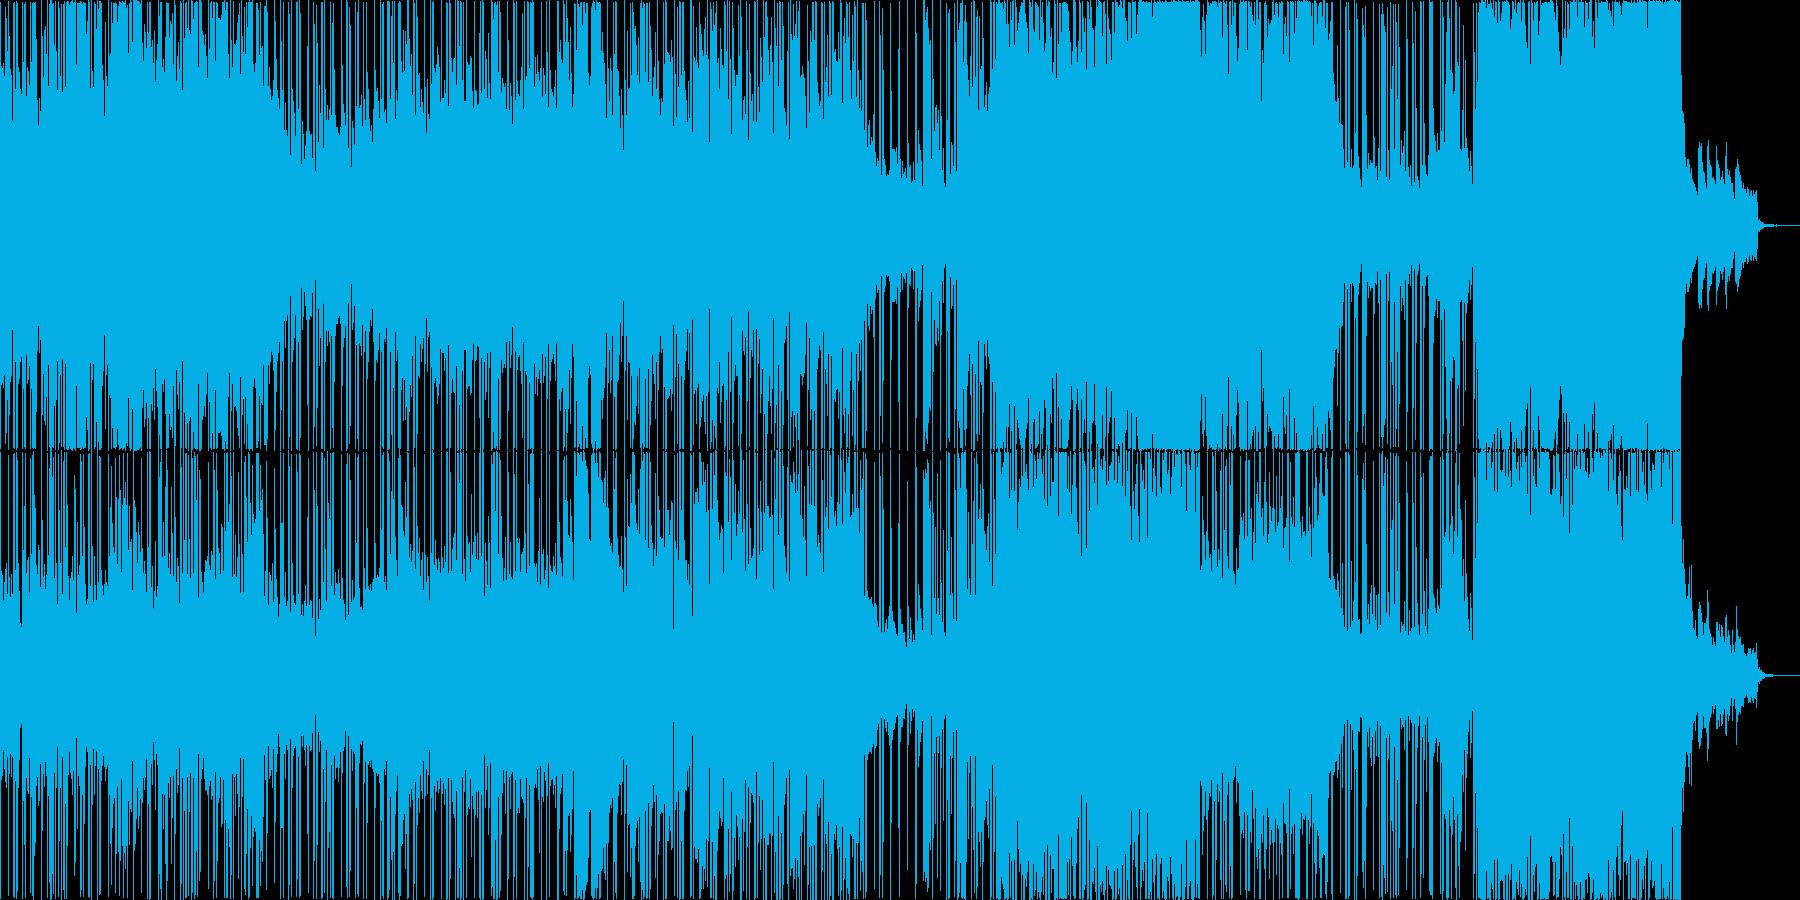 ゲーム音楽・6/8拍子・ノスタルジックの再生済みの波形